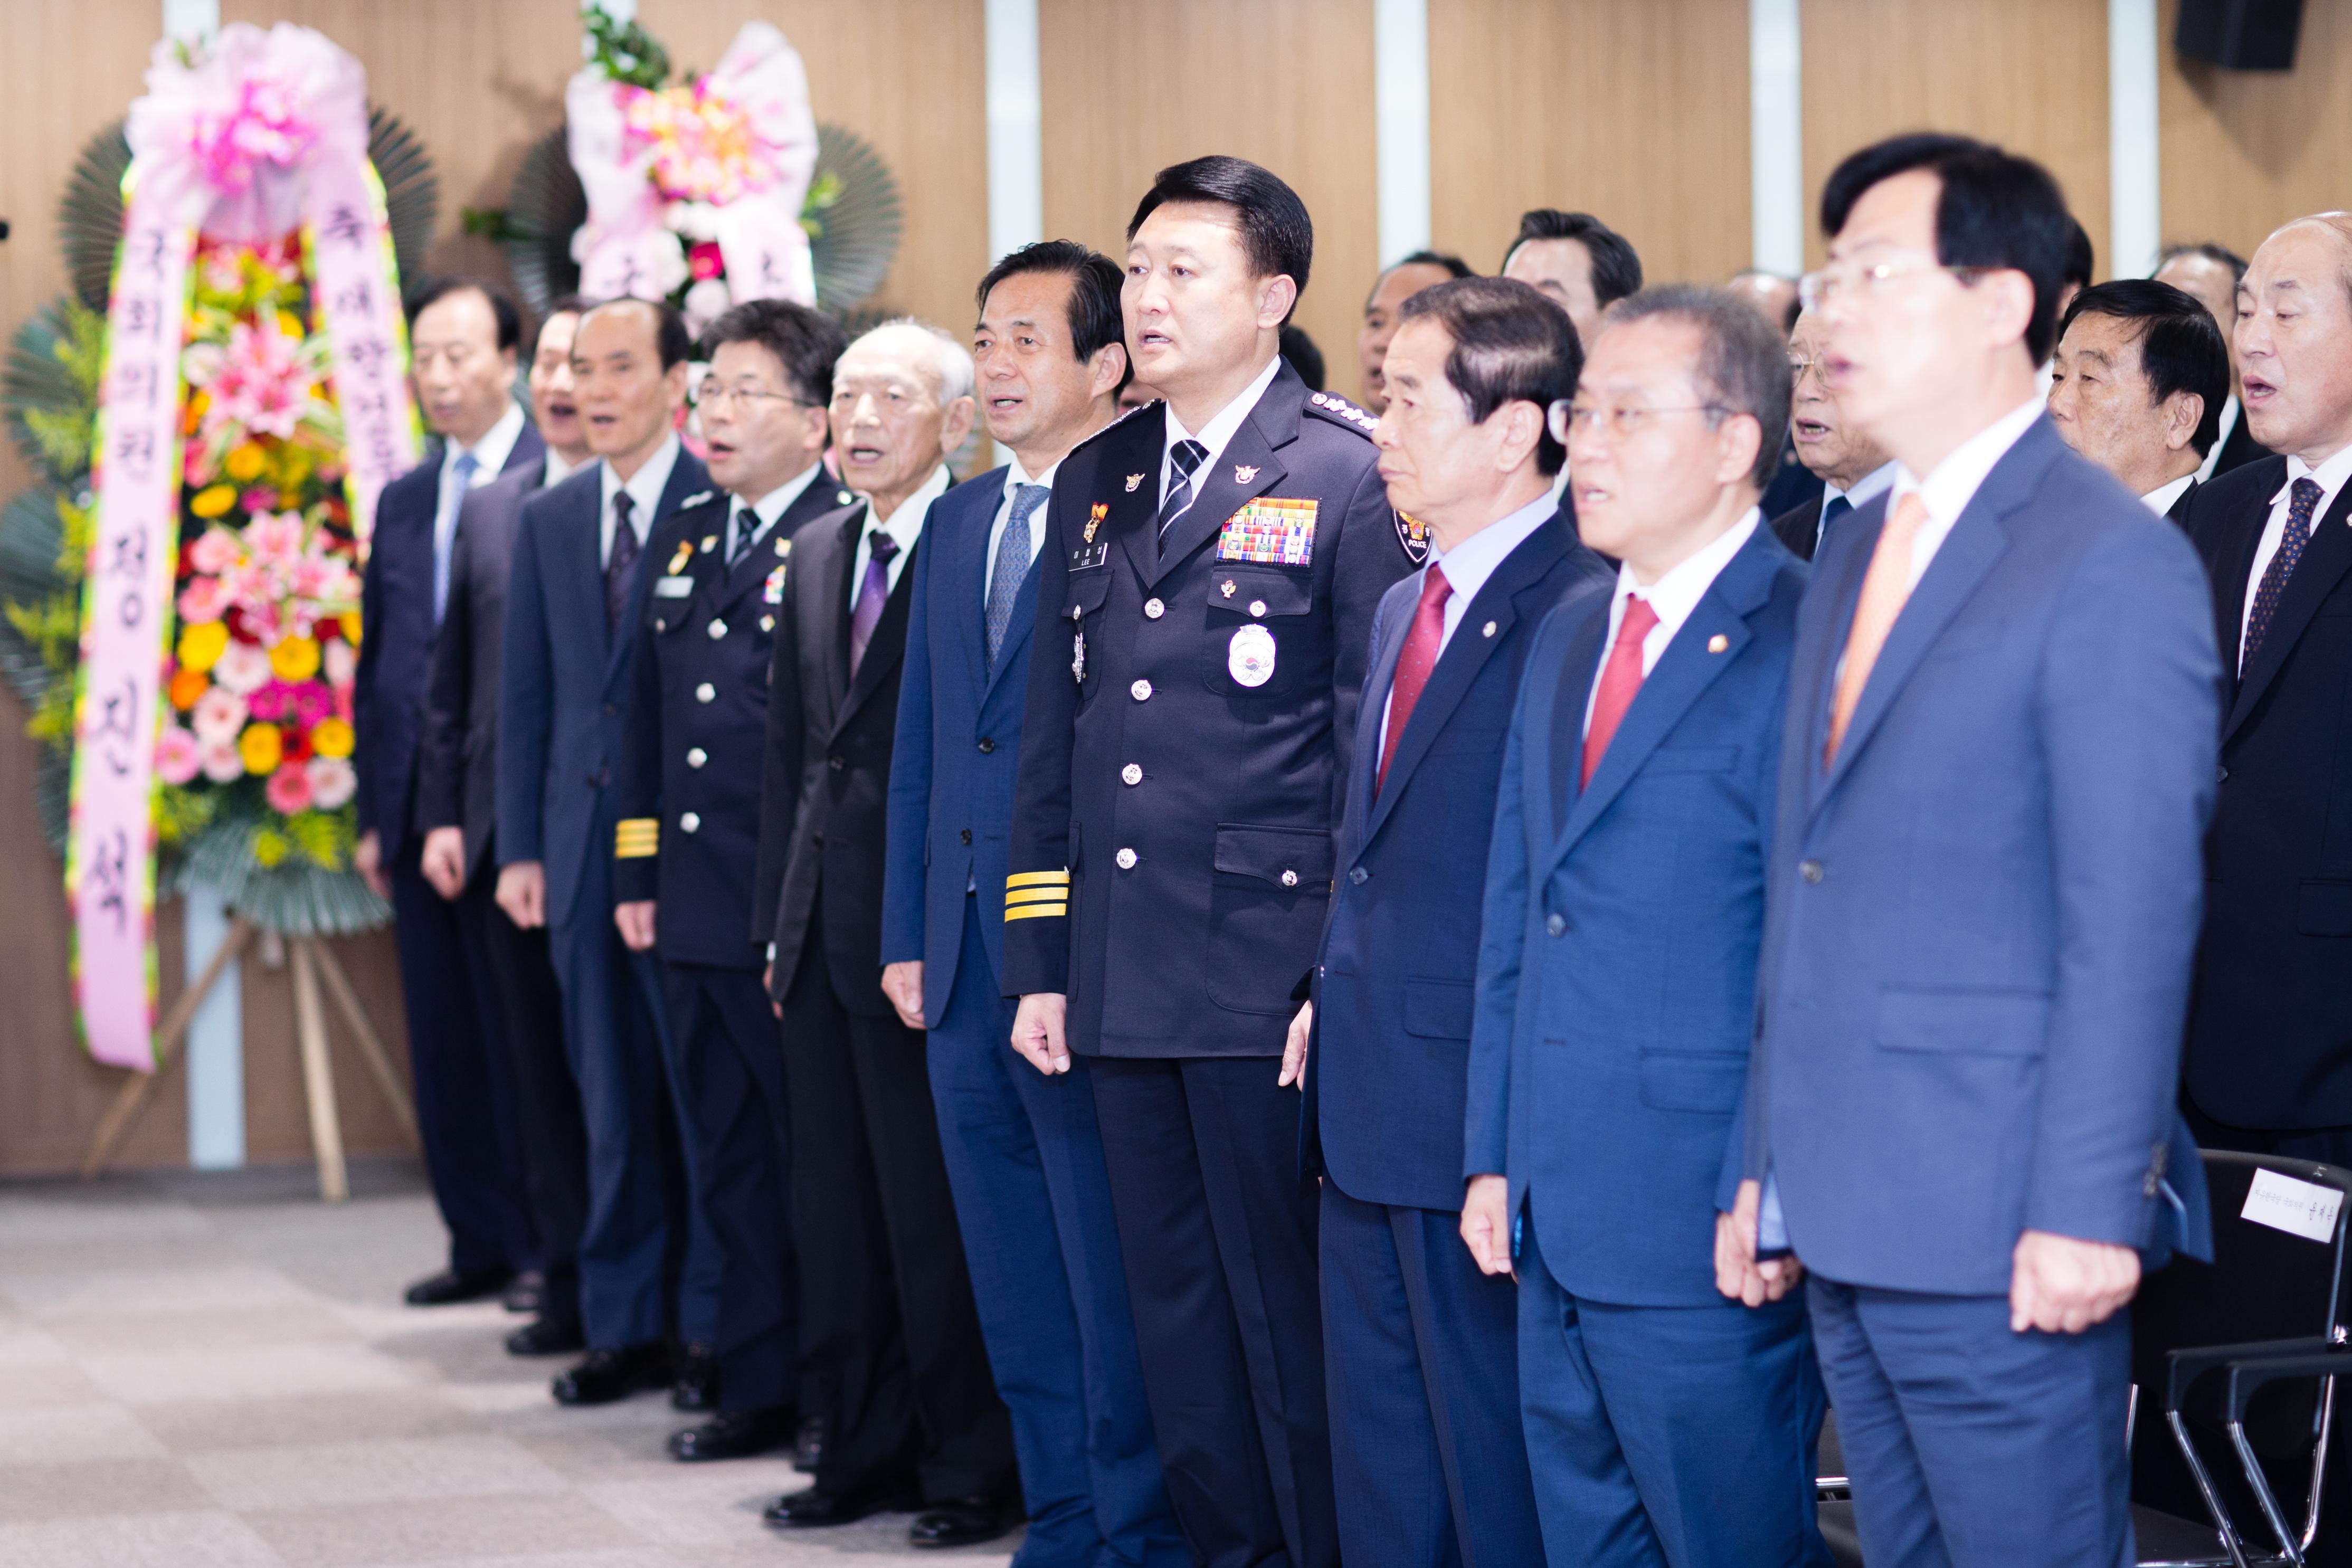 김정식 상임위원 경우회장 취임식 참석